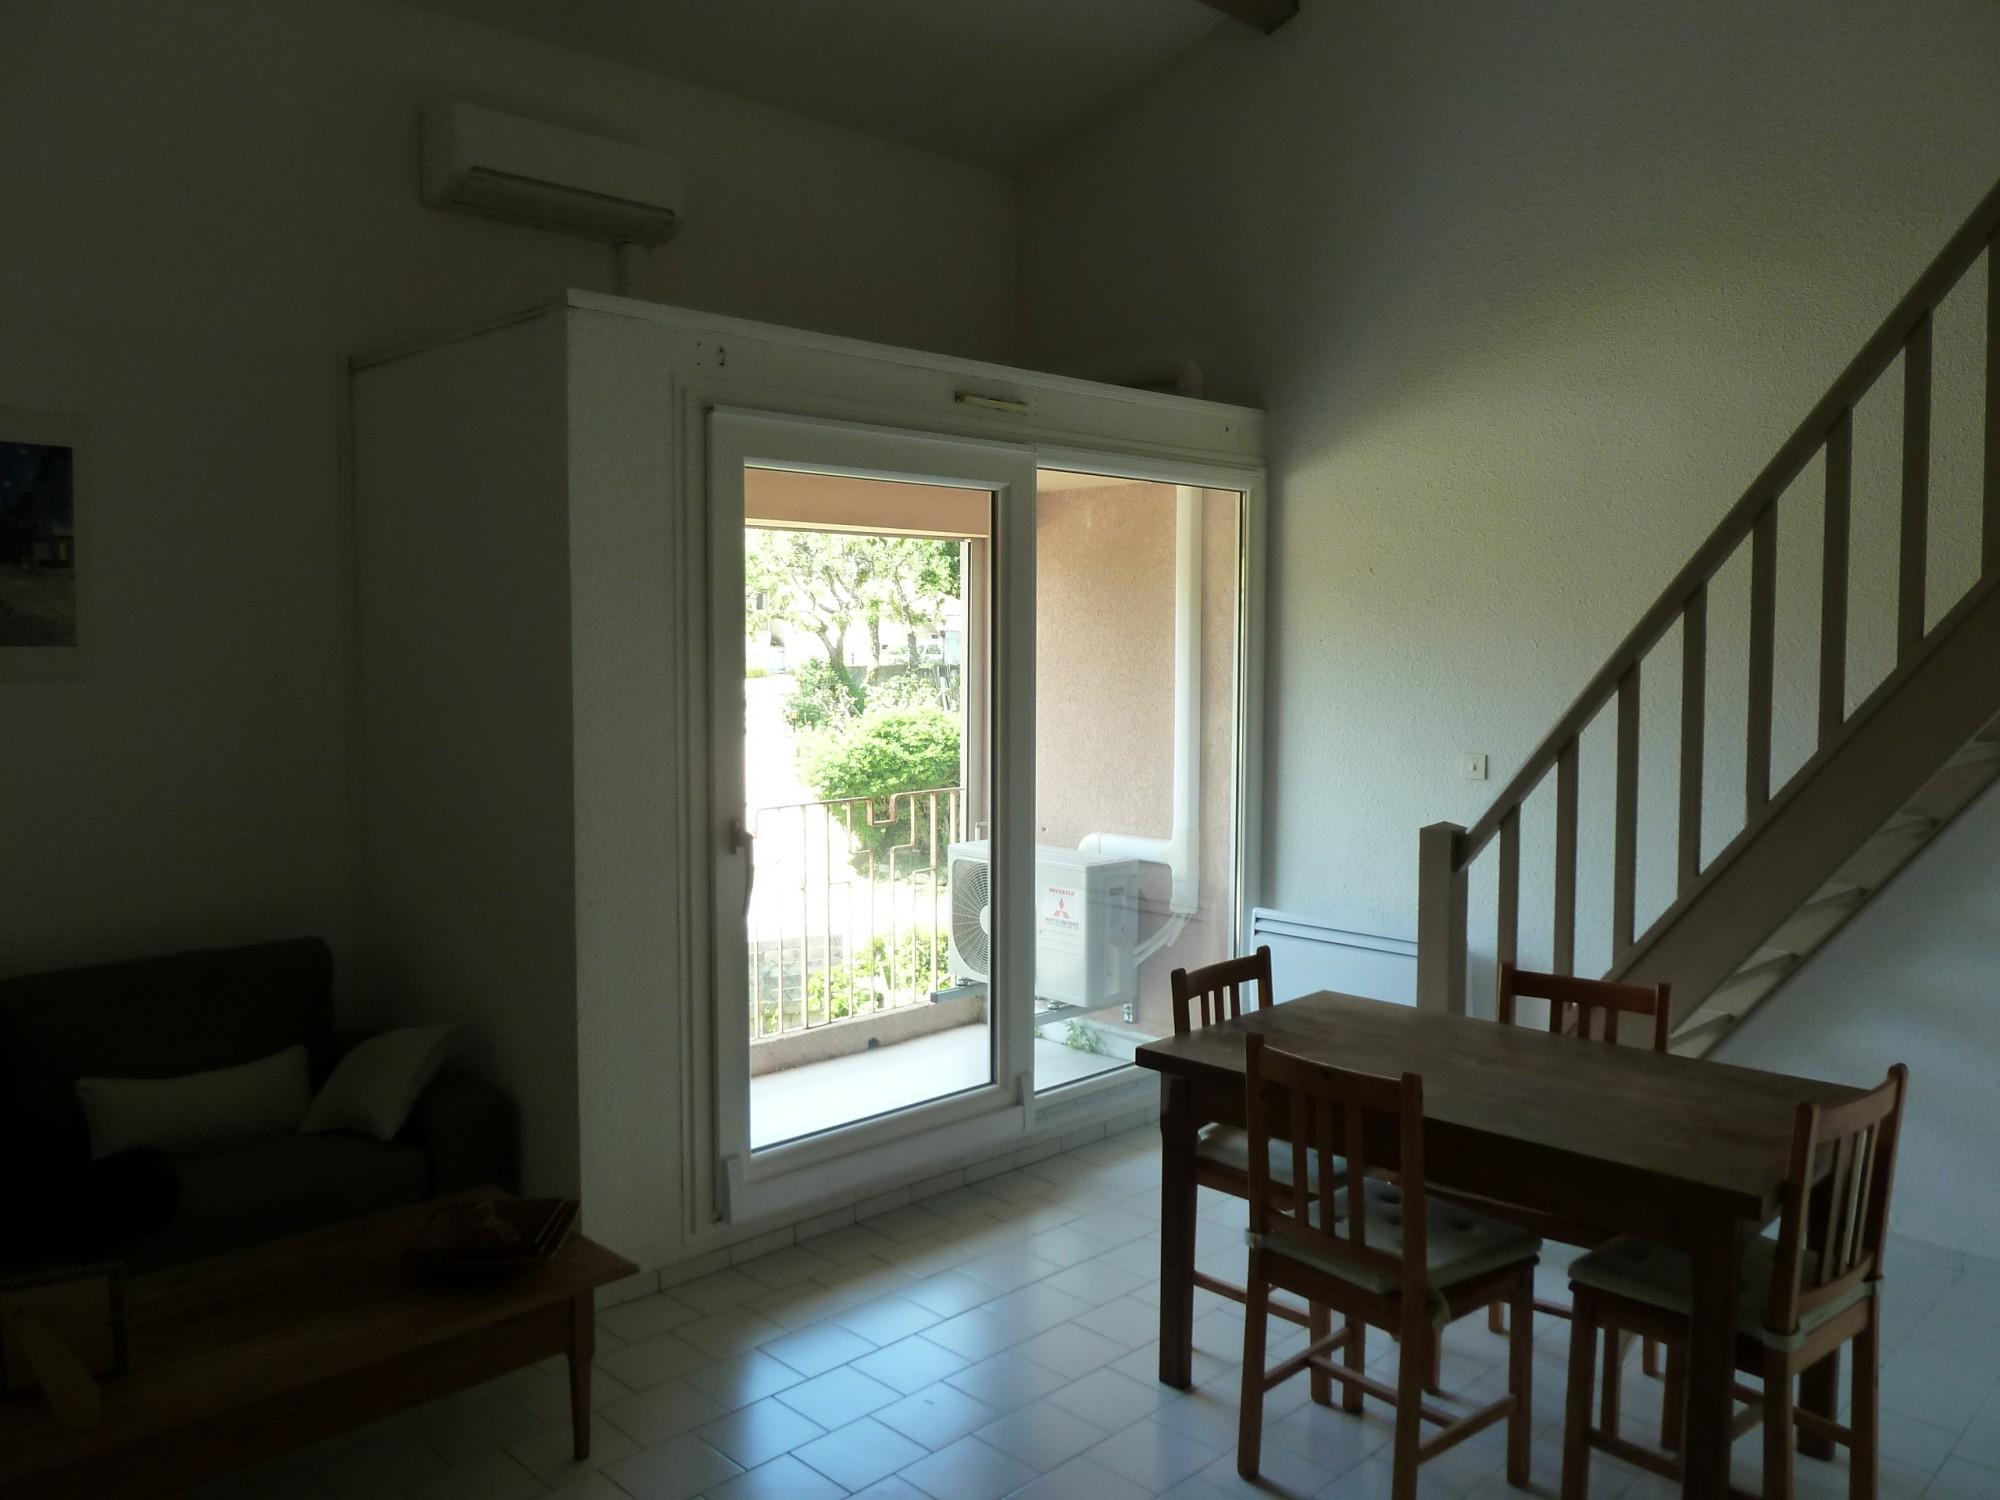 installation d 39 une baie vitr e coulissante translation eguilles 13 afp 13. Black Bedroom Furniture Sets. Home Design Ideas